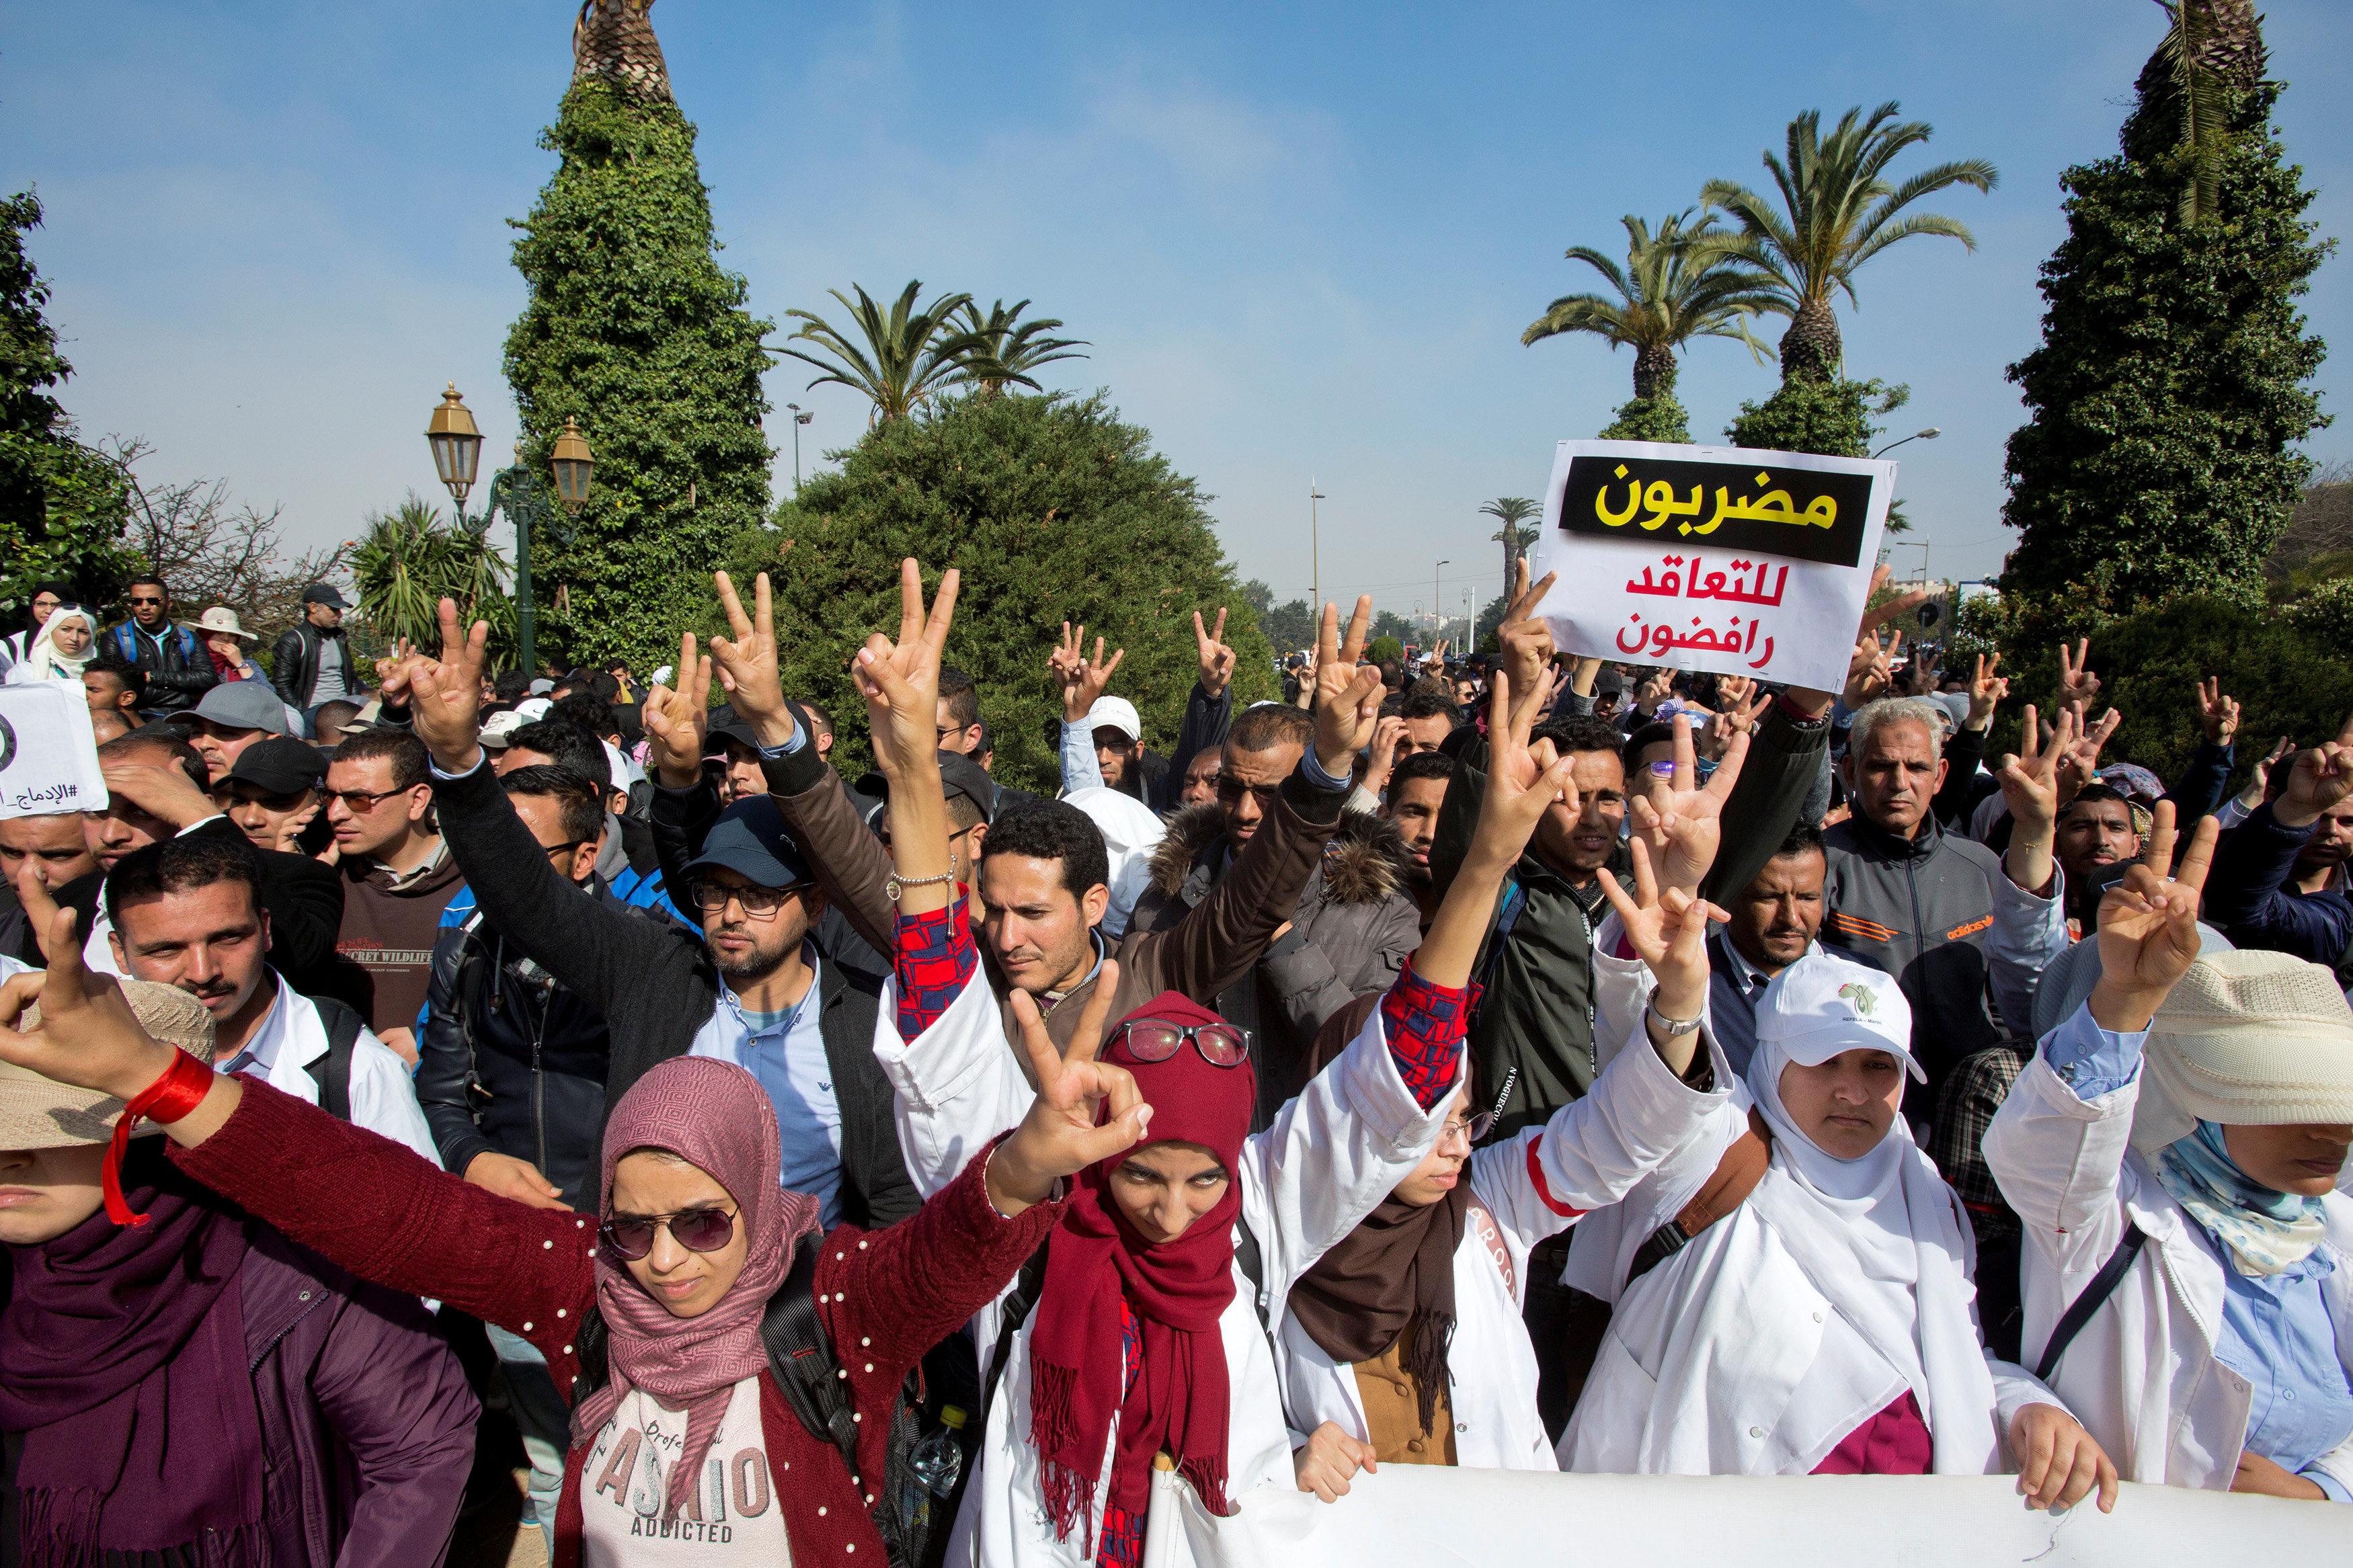 À Rabat, le 12 mars 2019, des enseignants contractuels protestent pour réclamer une sécurité...